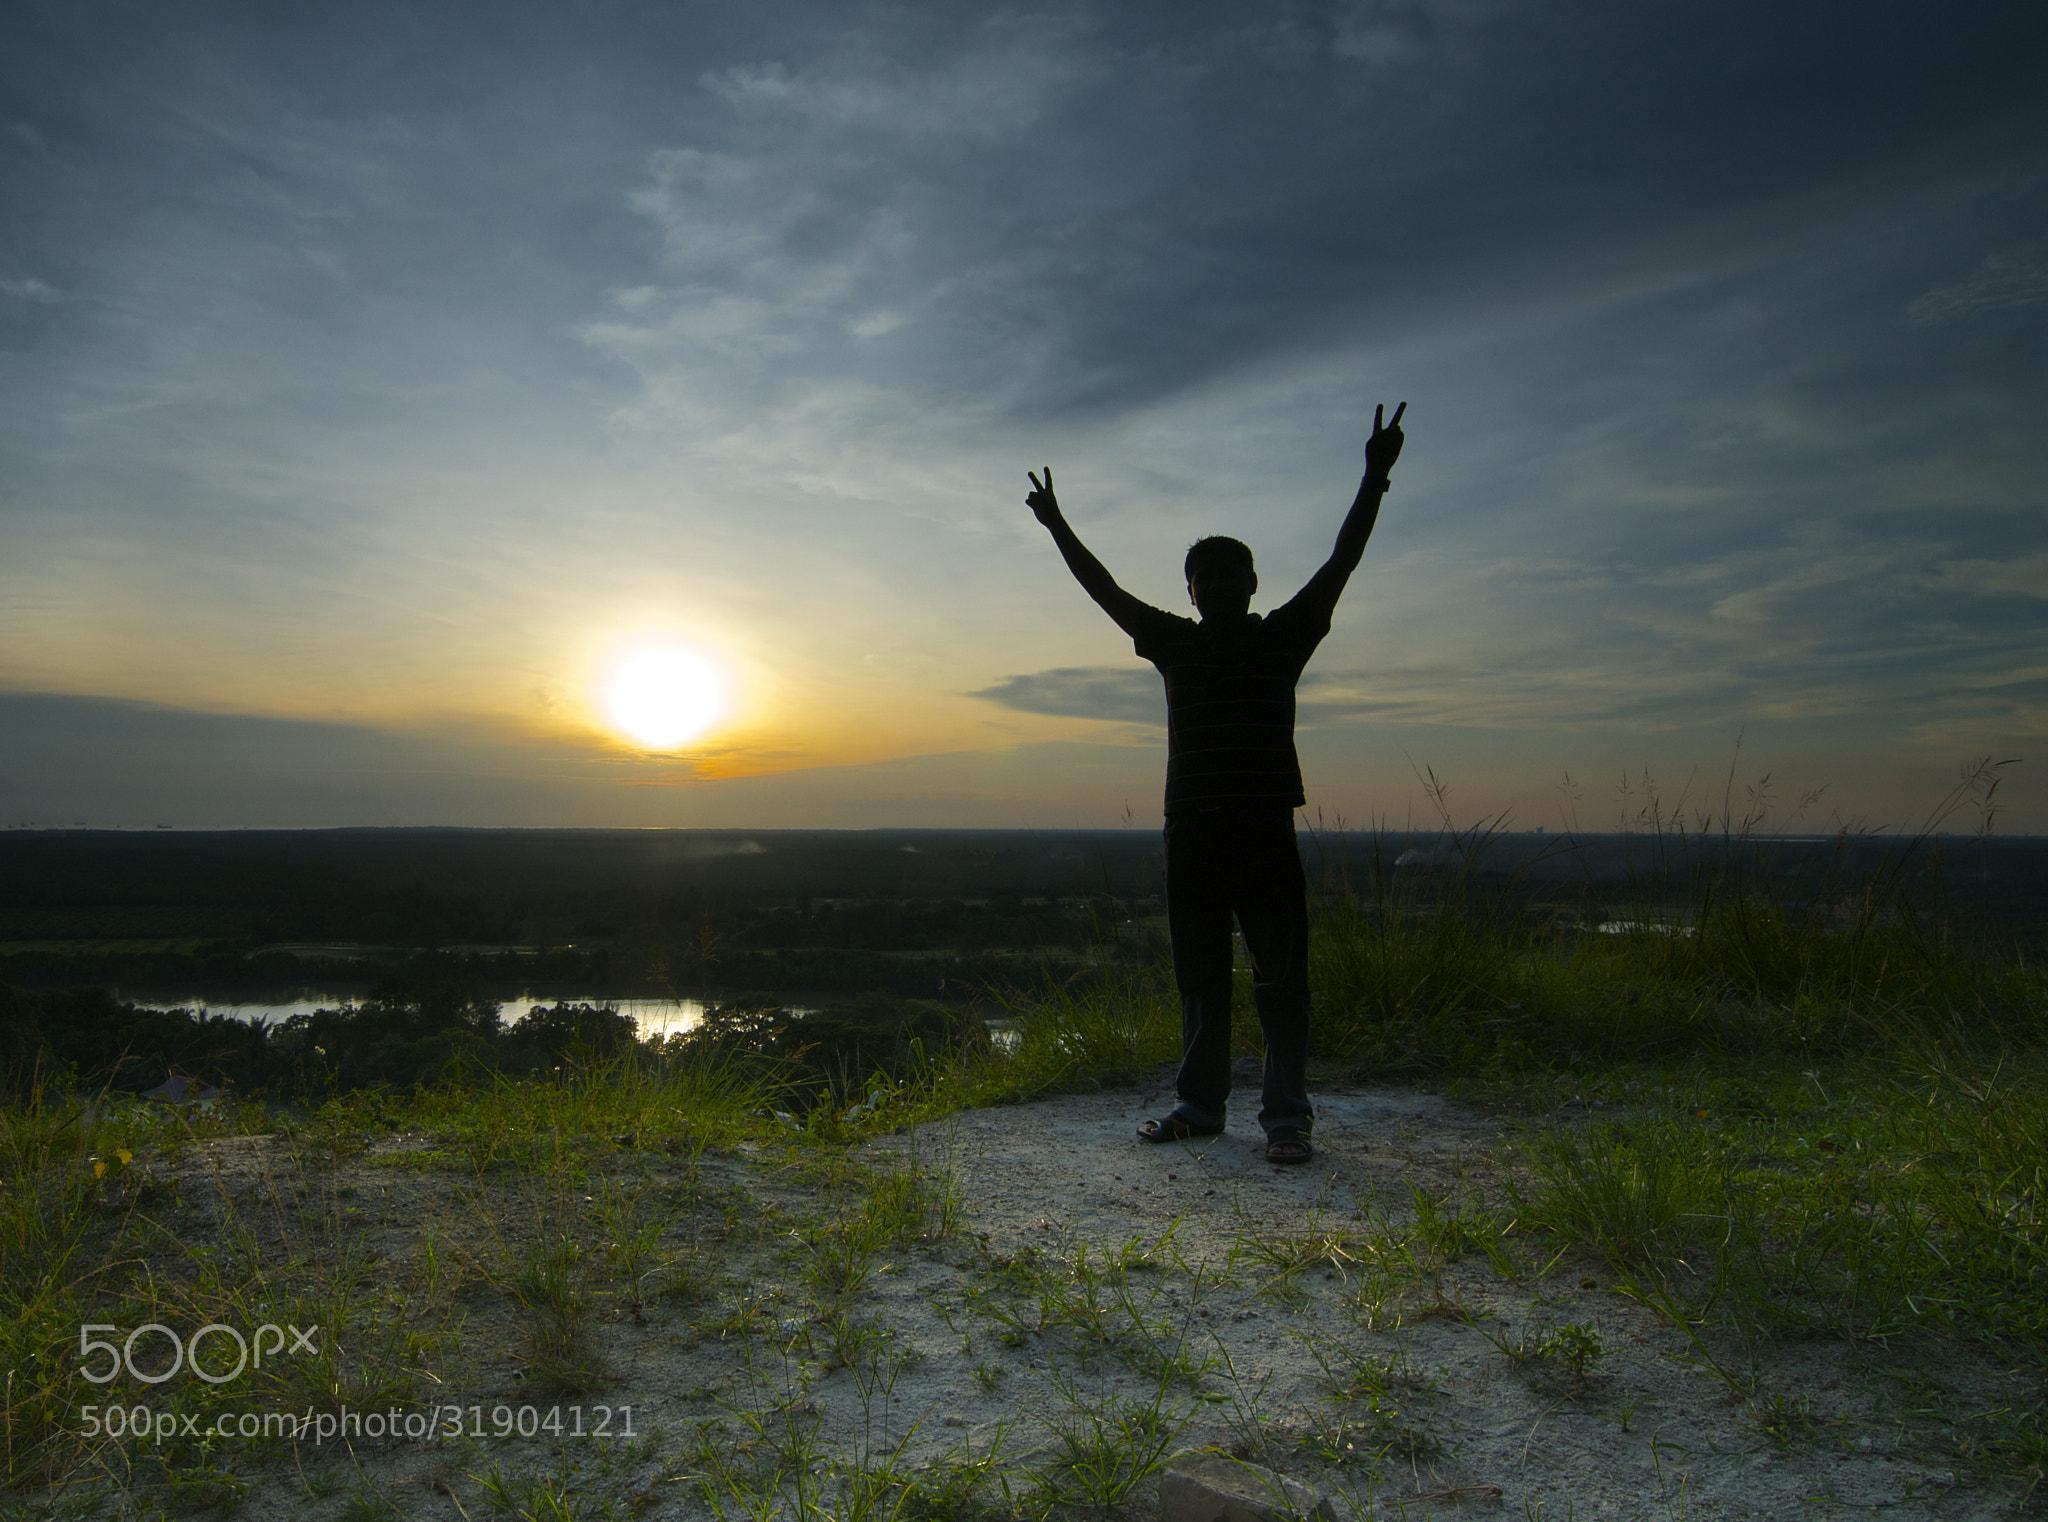 Photograph Silhoute of myself by mradz radz on 500px